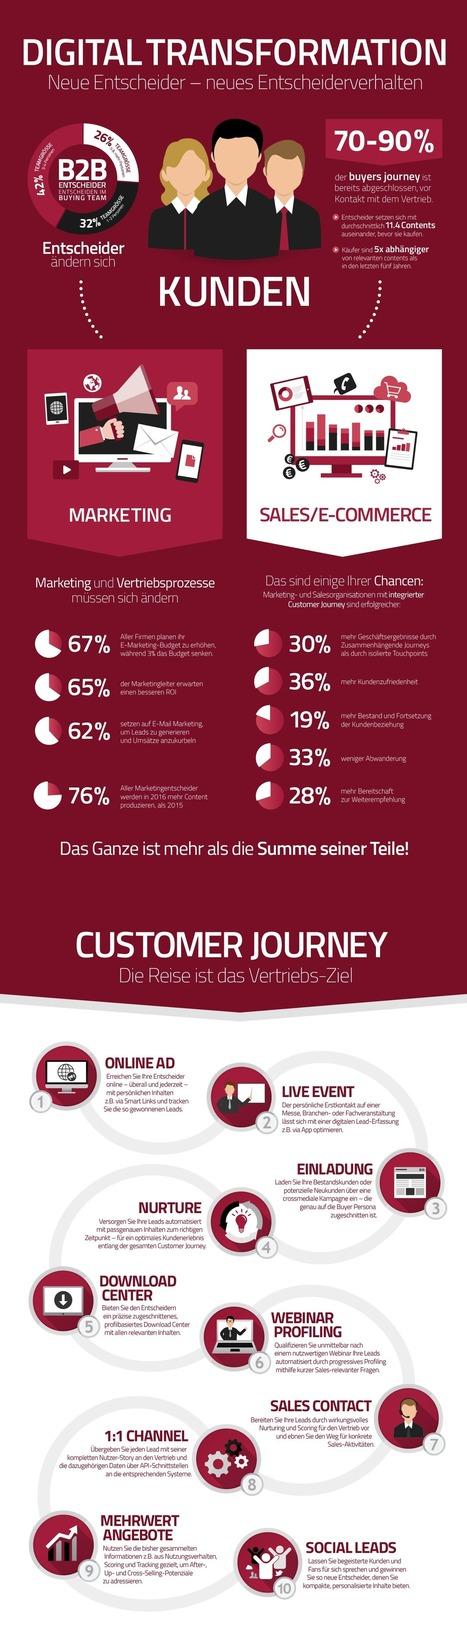 Marketingprozesse müssen sich ändern: Zehn Tipps für die Customer Journey | Customer Service: Aussen fächern-innen bündeln | Scoop.it